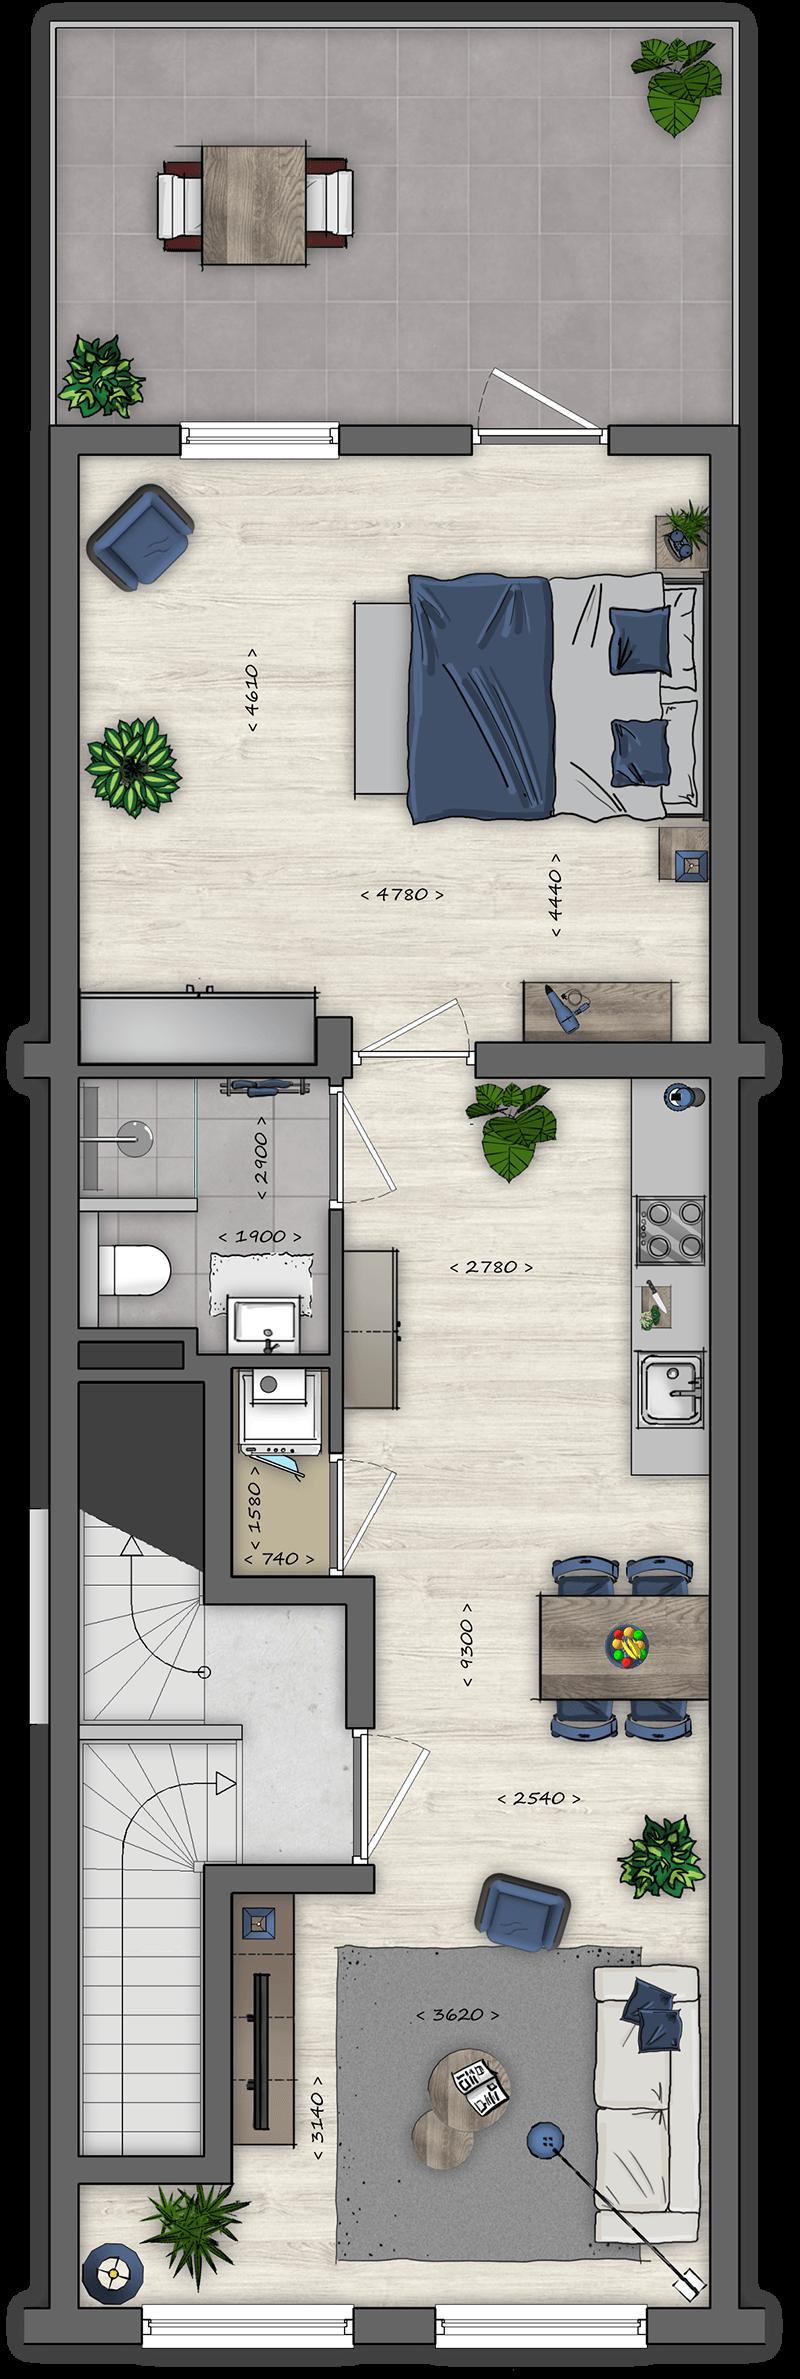 Floor Plan Tiel - A